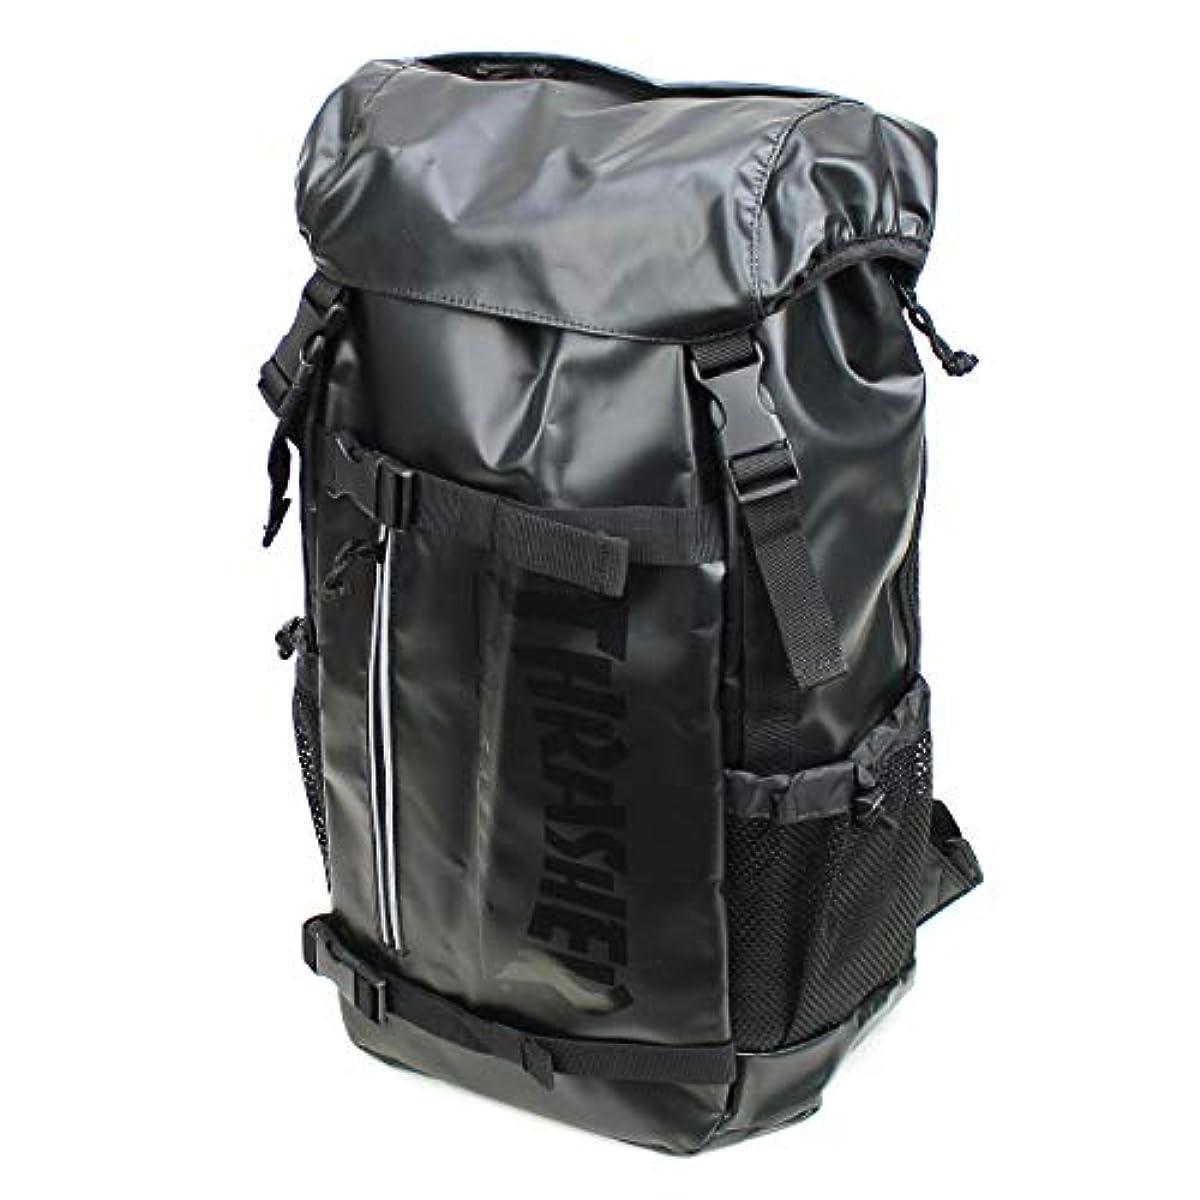 [해외] 트레셔 백팩 23L TH-070 THRTP-502 블랙